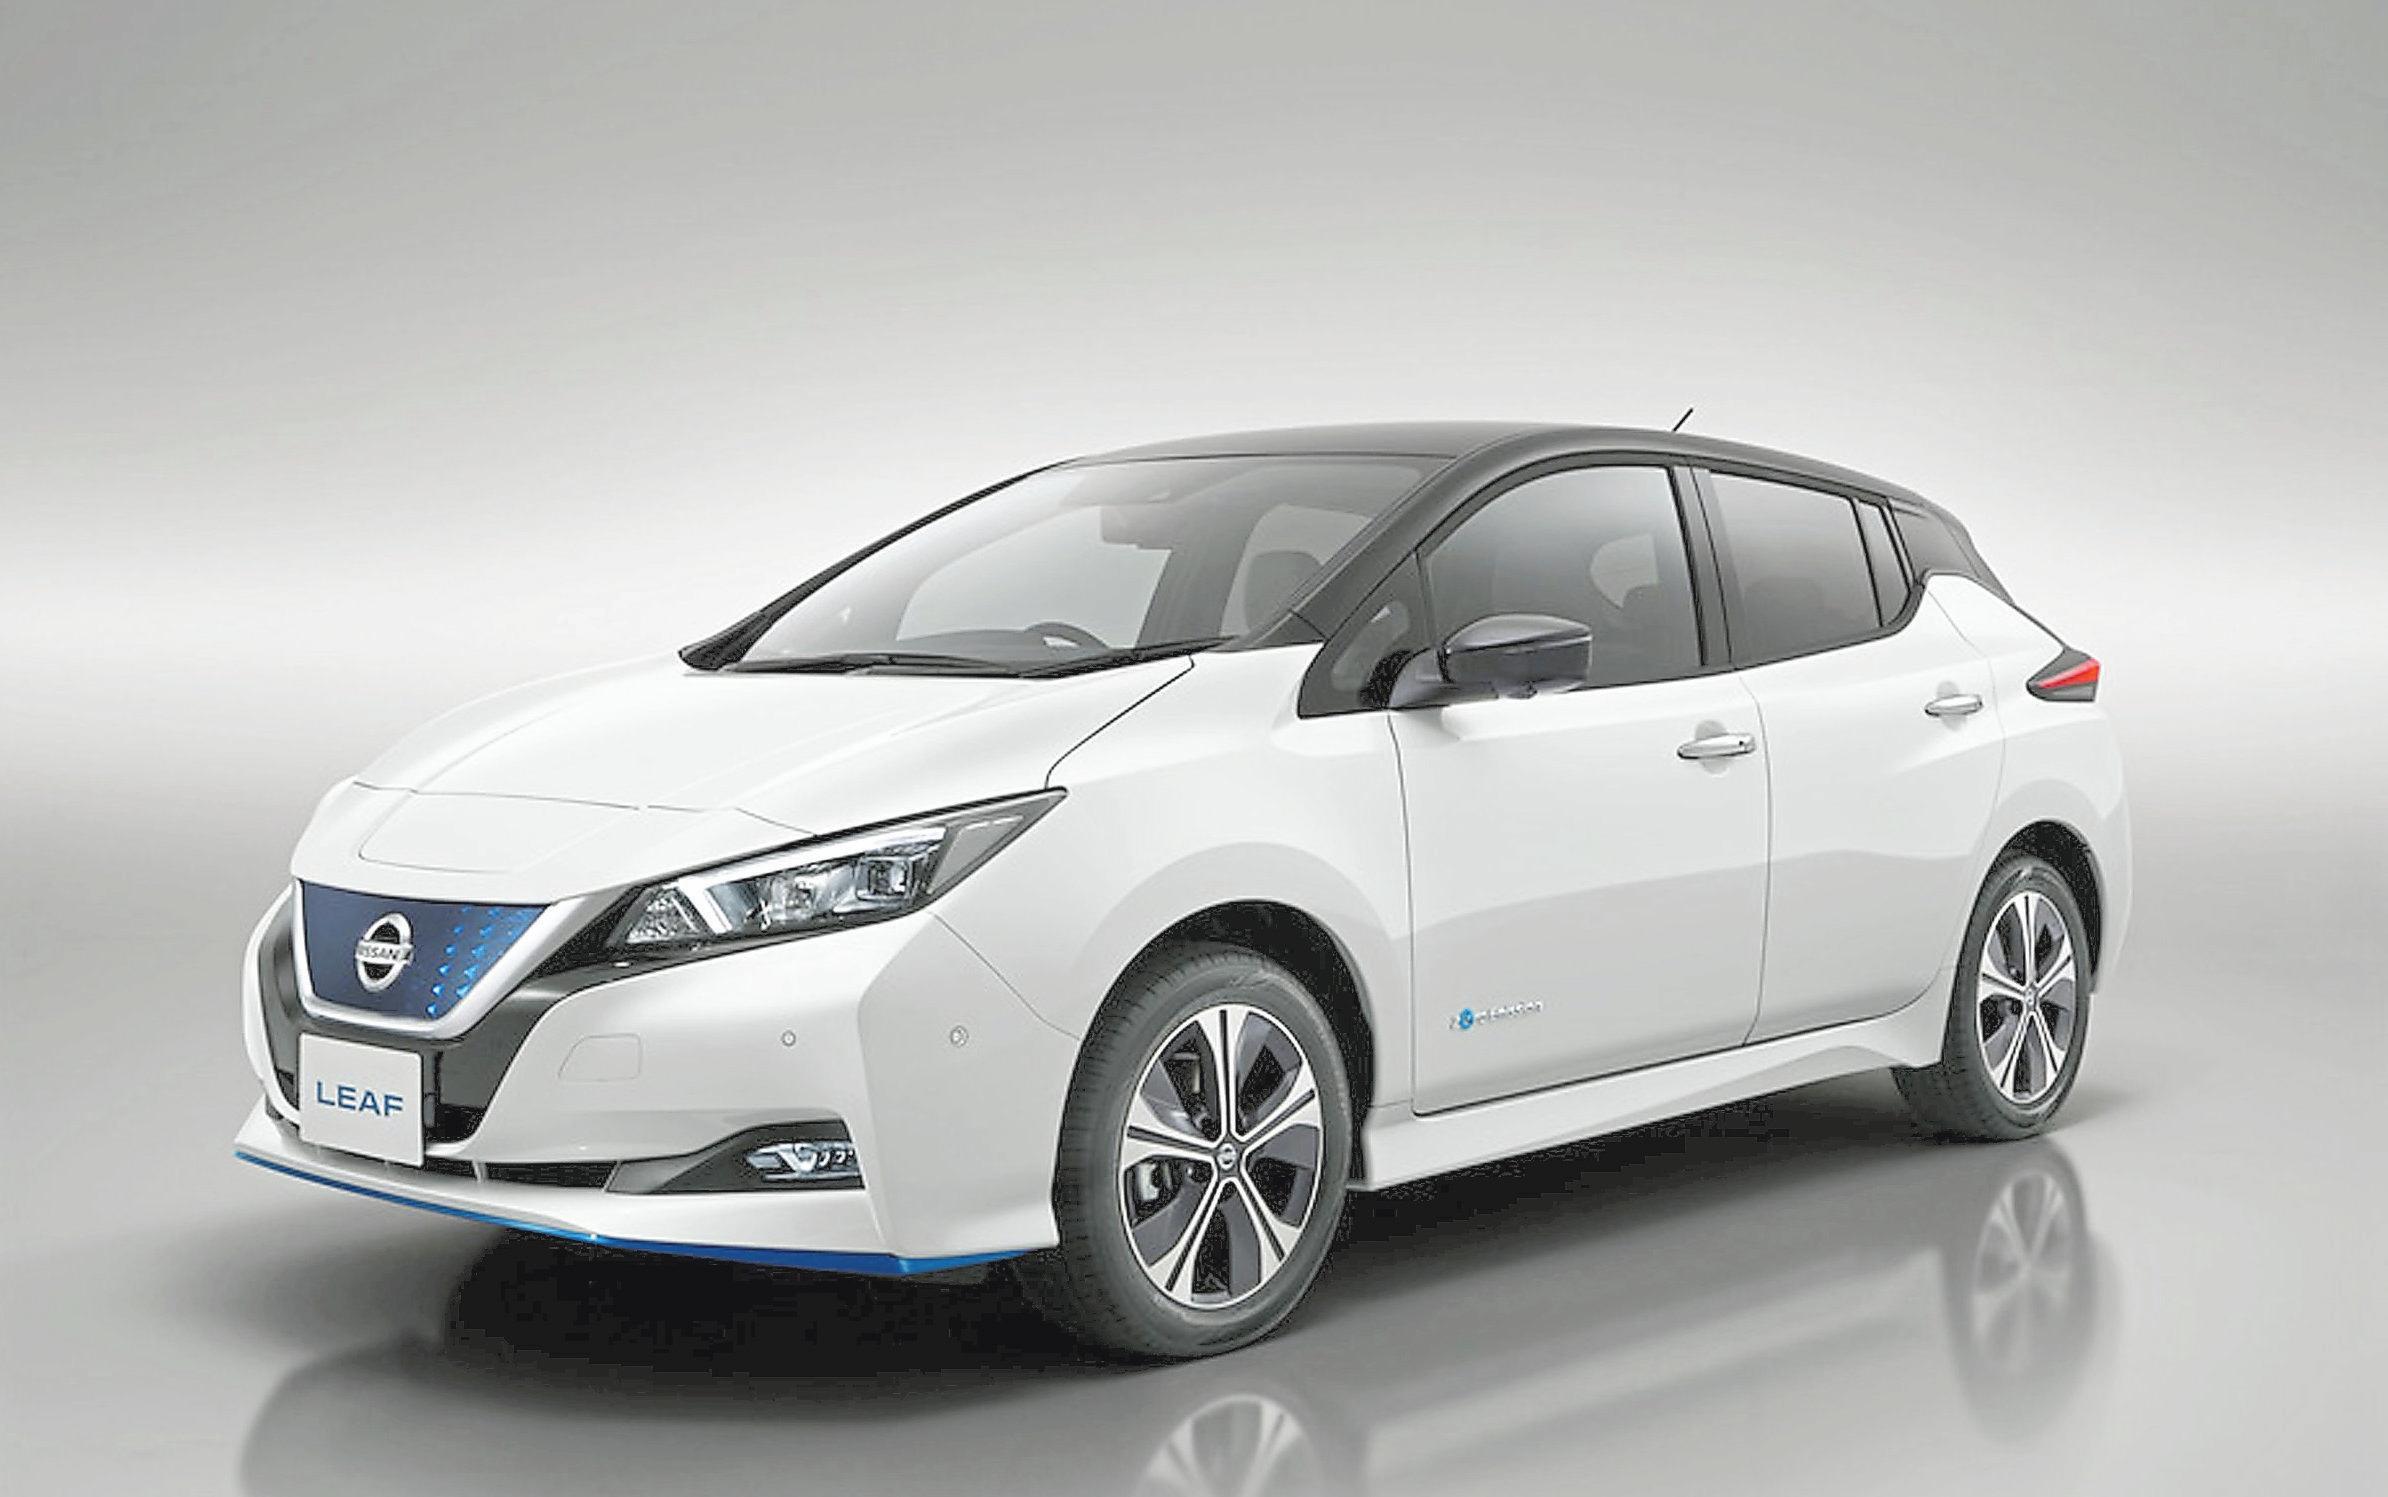 Das Autohaus Effing ist mit dem Elektroauto Nissan Leaf vor Ort. Das meistverkaufte Elektroauto Europas gibt es jetzt in zwei Batterievarianten – als Nissan Leaf mit 40 kWh Batterie und als Nissan Leaf e+ mit 62 kWh Batterie. Foto: Nissan